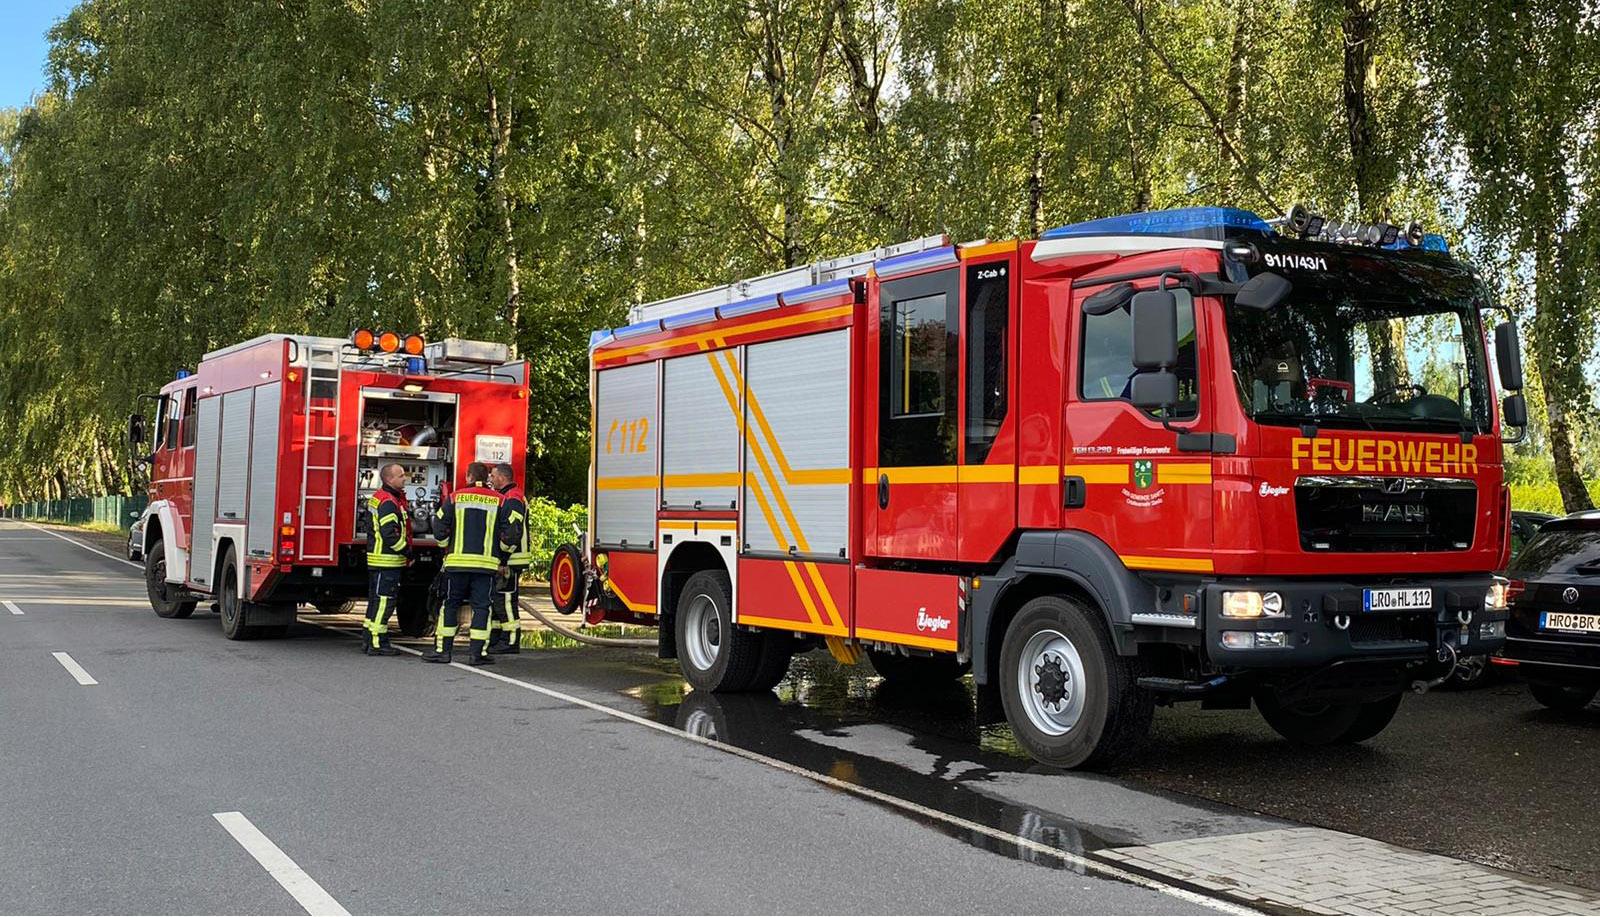 Feuerwehr Gubkow